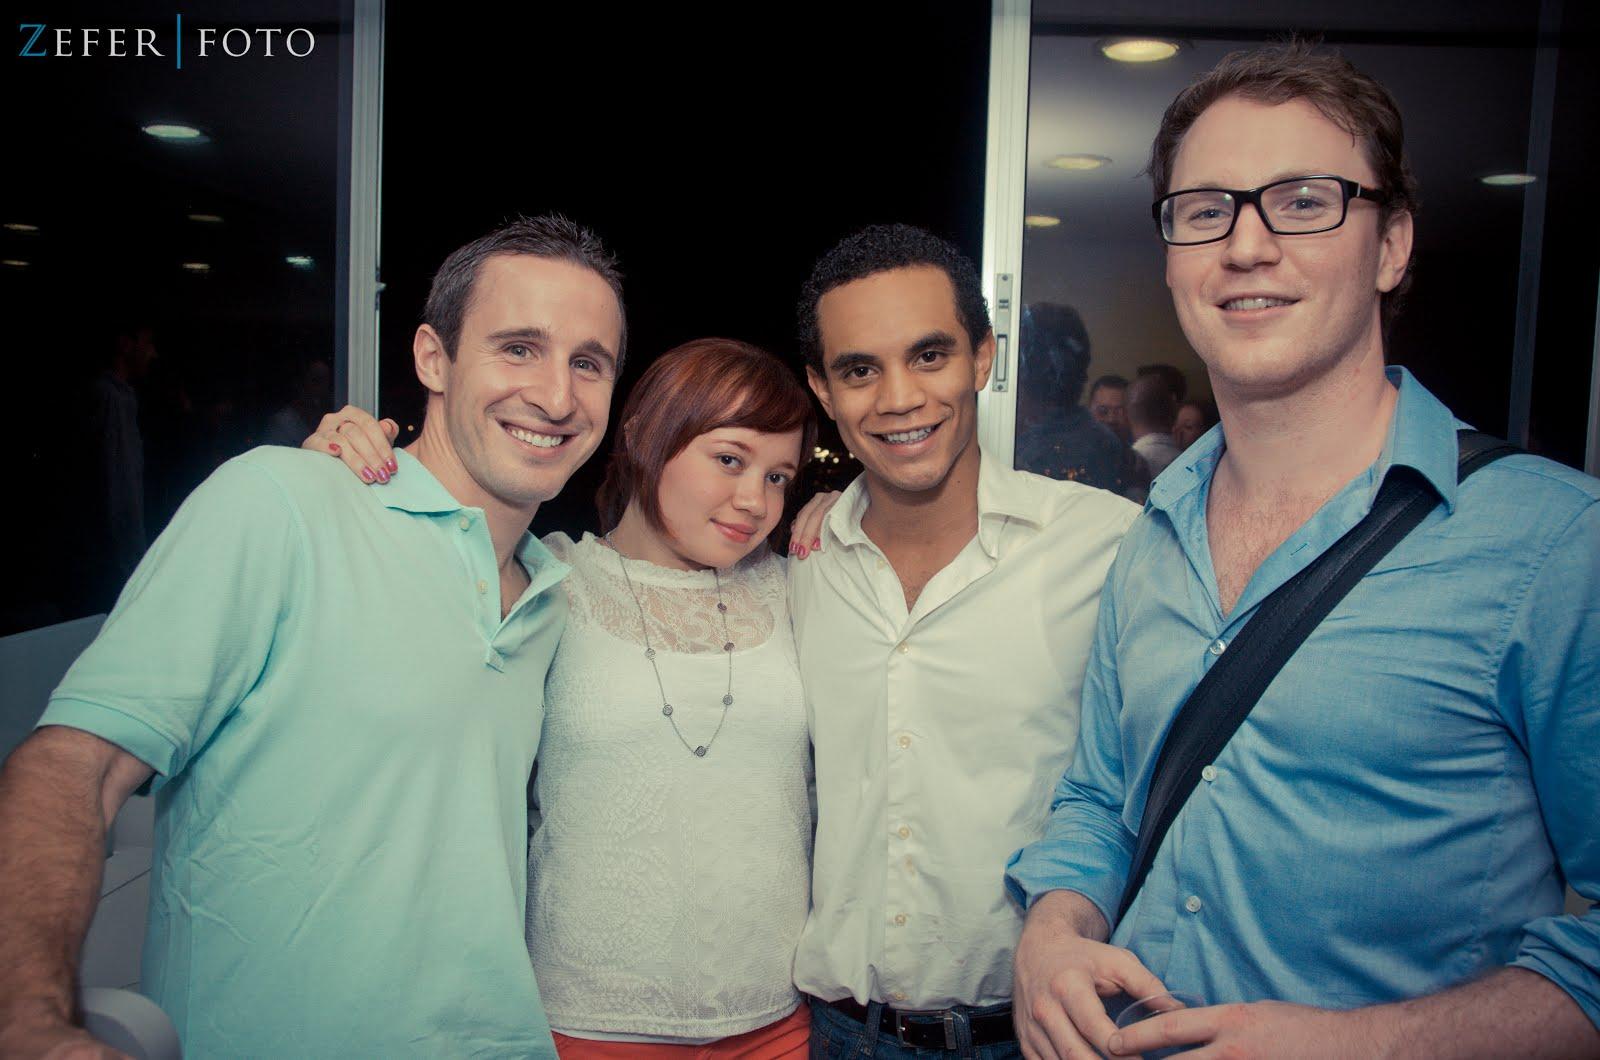 Medellin Startup Scene